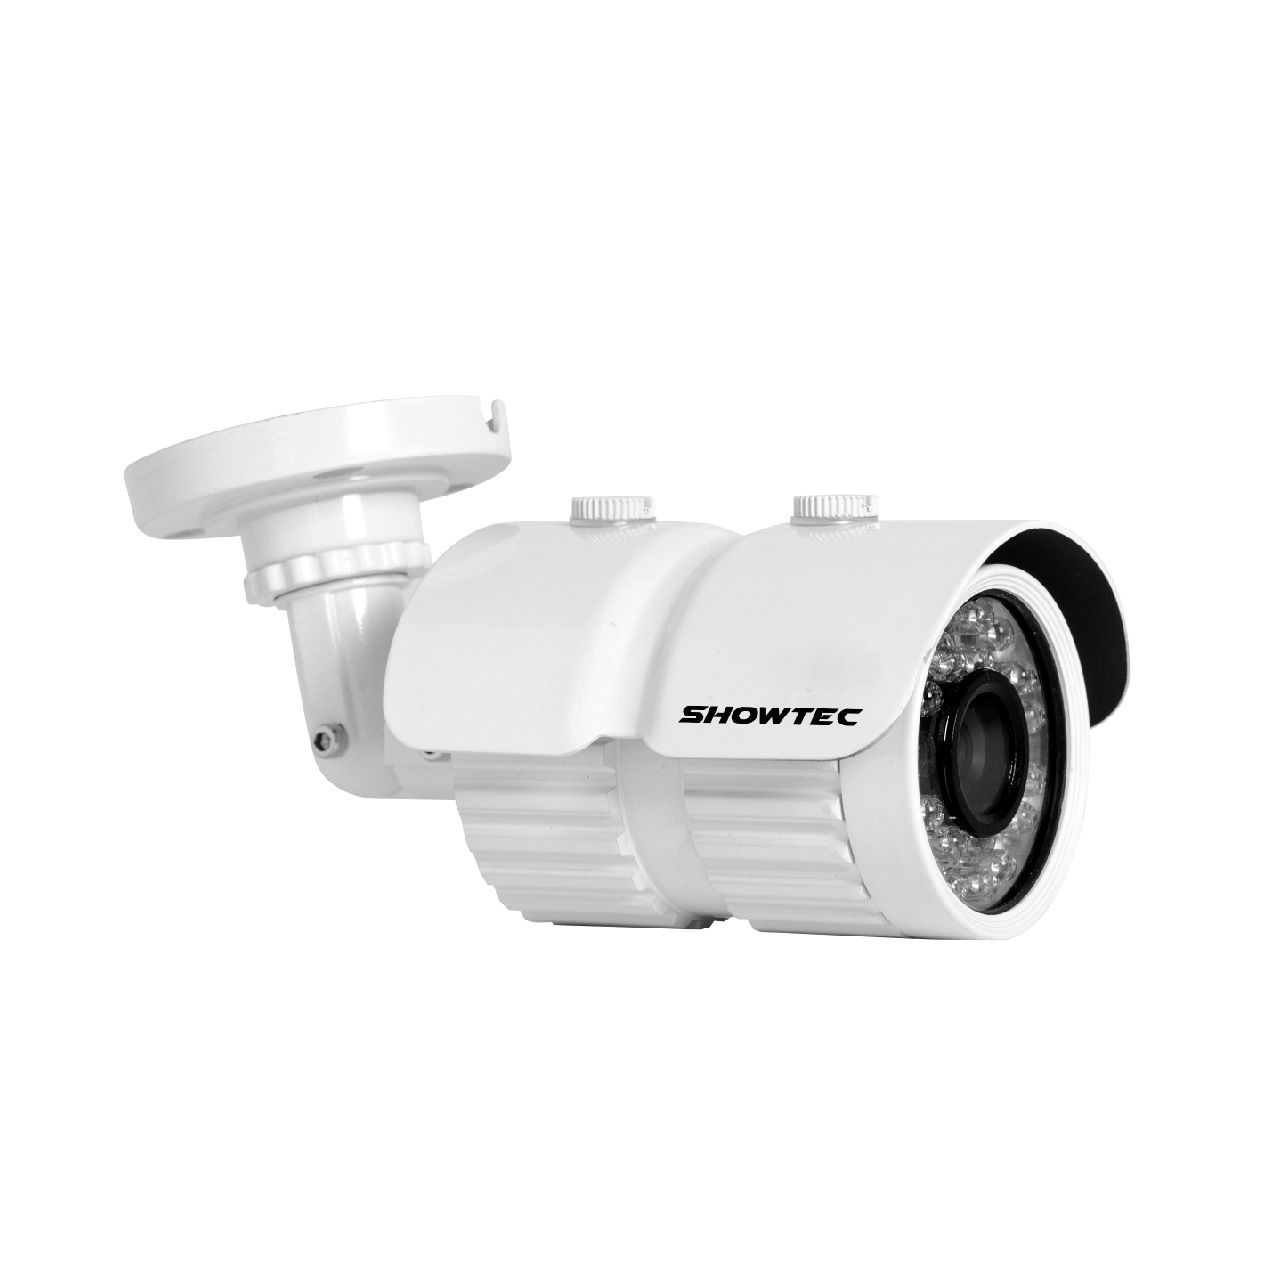 CÂMERA INFRA 24 LED'S SW385 RESOLUÇÃO HD 720P 3,6mm SHOWTEC